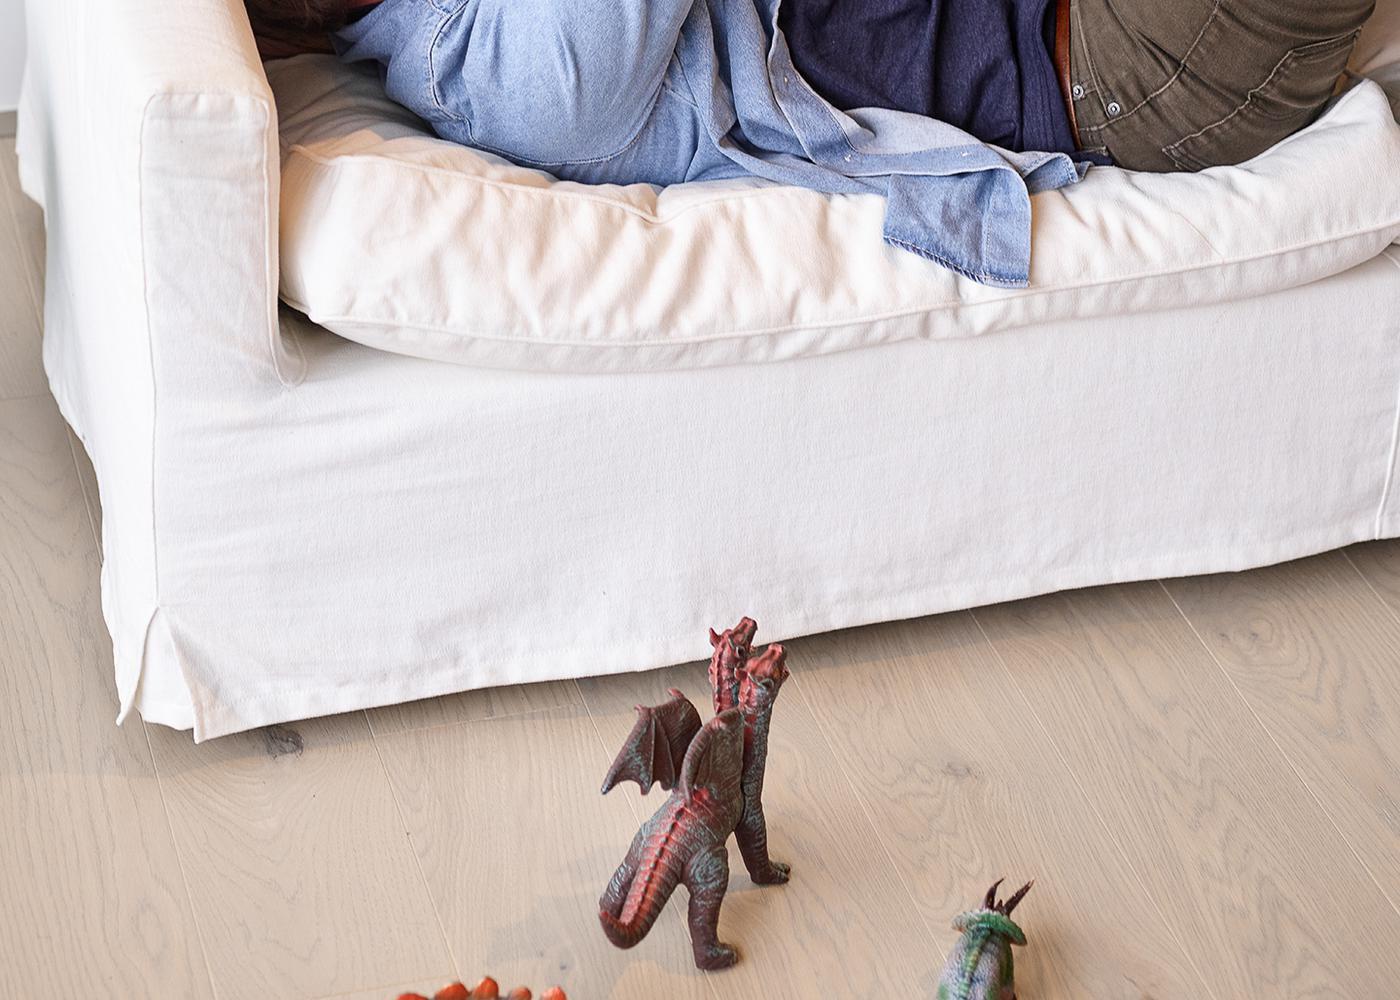 Sol plaqué bois Chêne Catane brossé vernis extra-mat - Deluxe - Elégance 12x166x1810